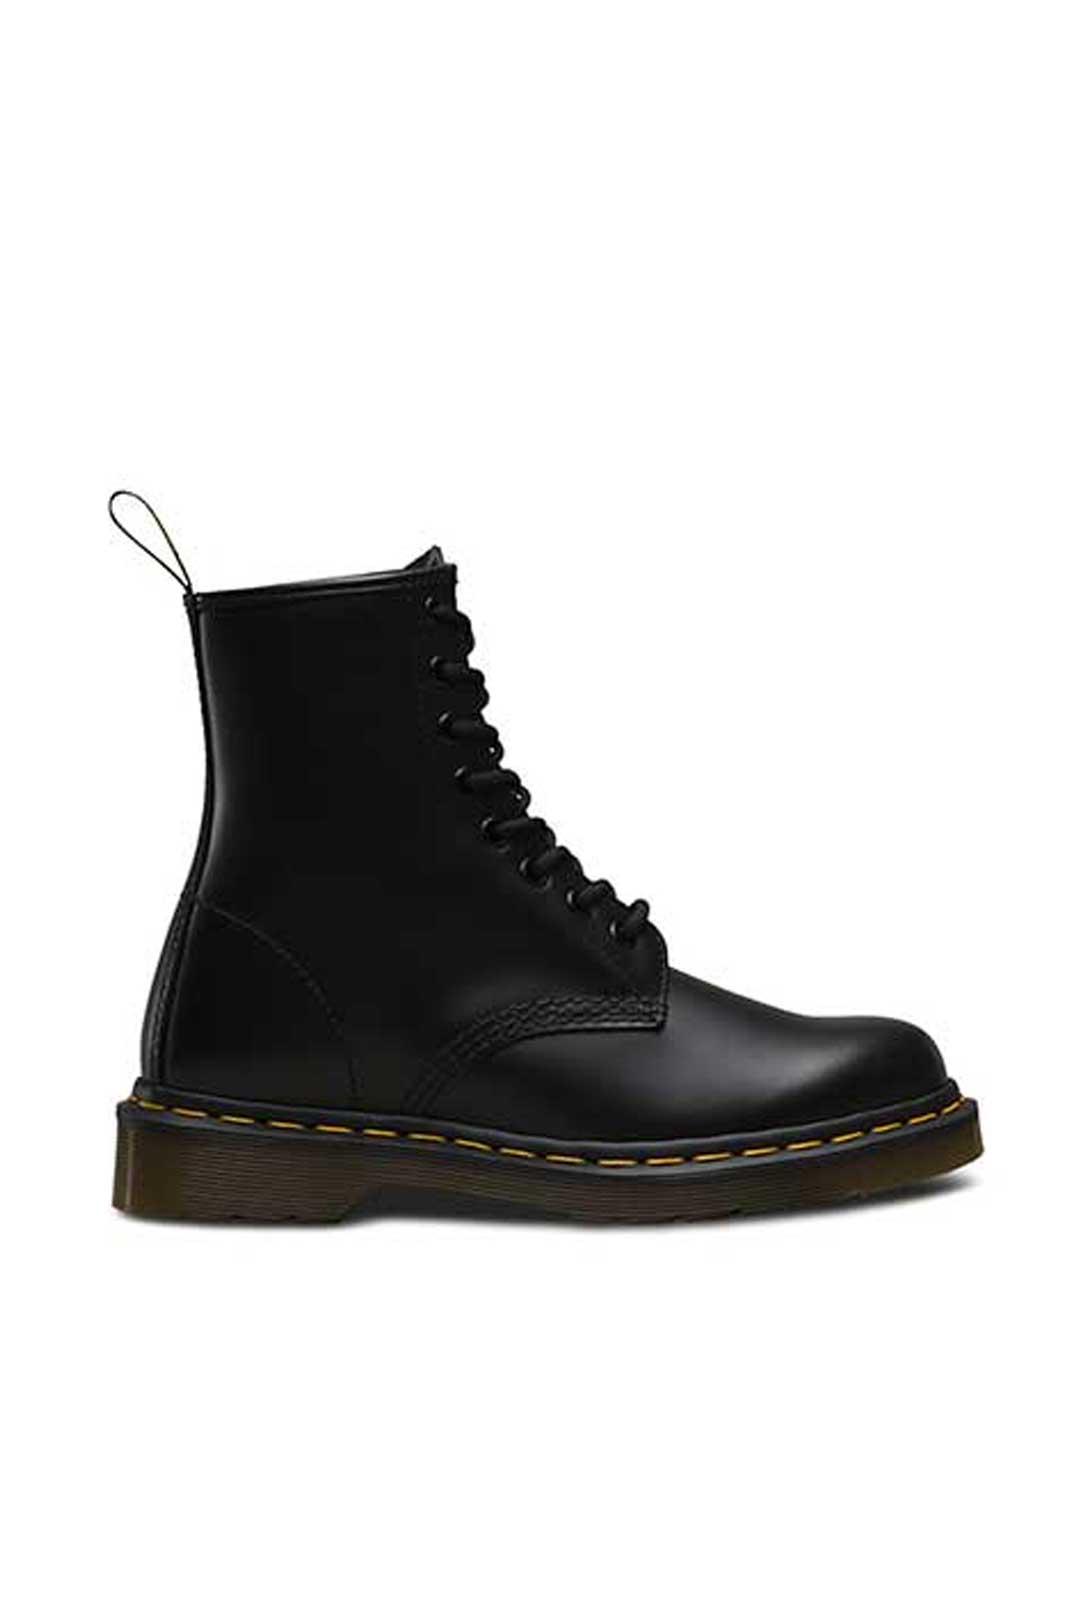 dr martens 1460 vegan 8 eye boot black